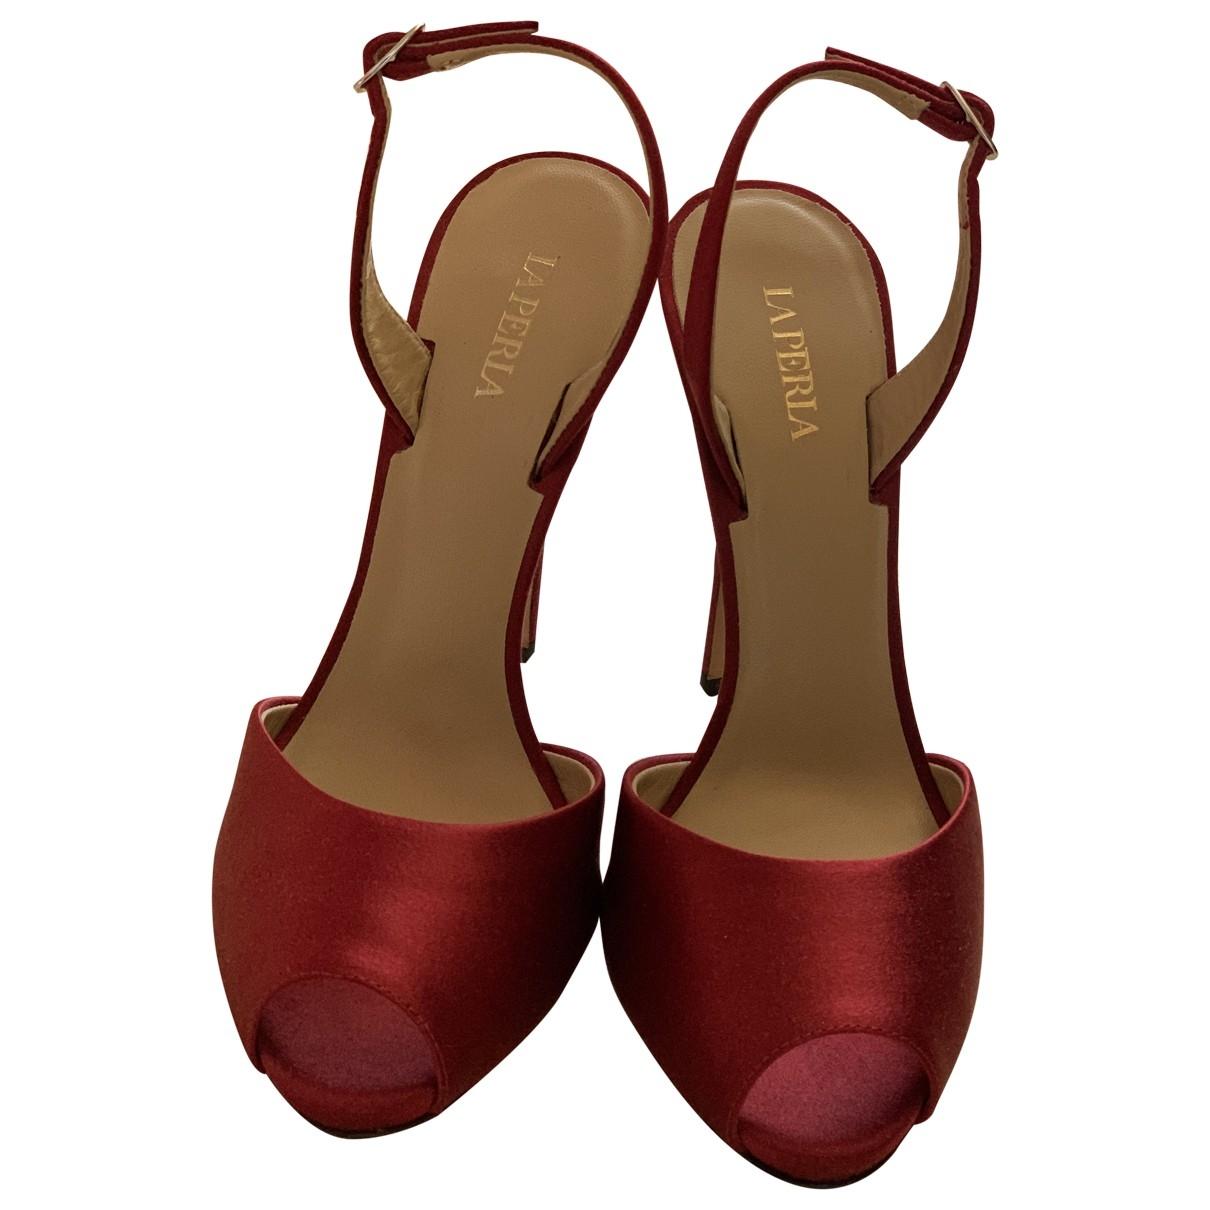 Sandalias romanas La Perla